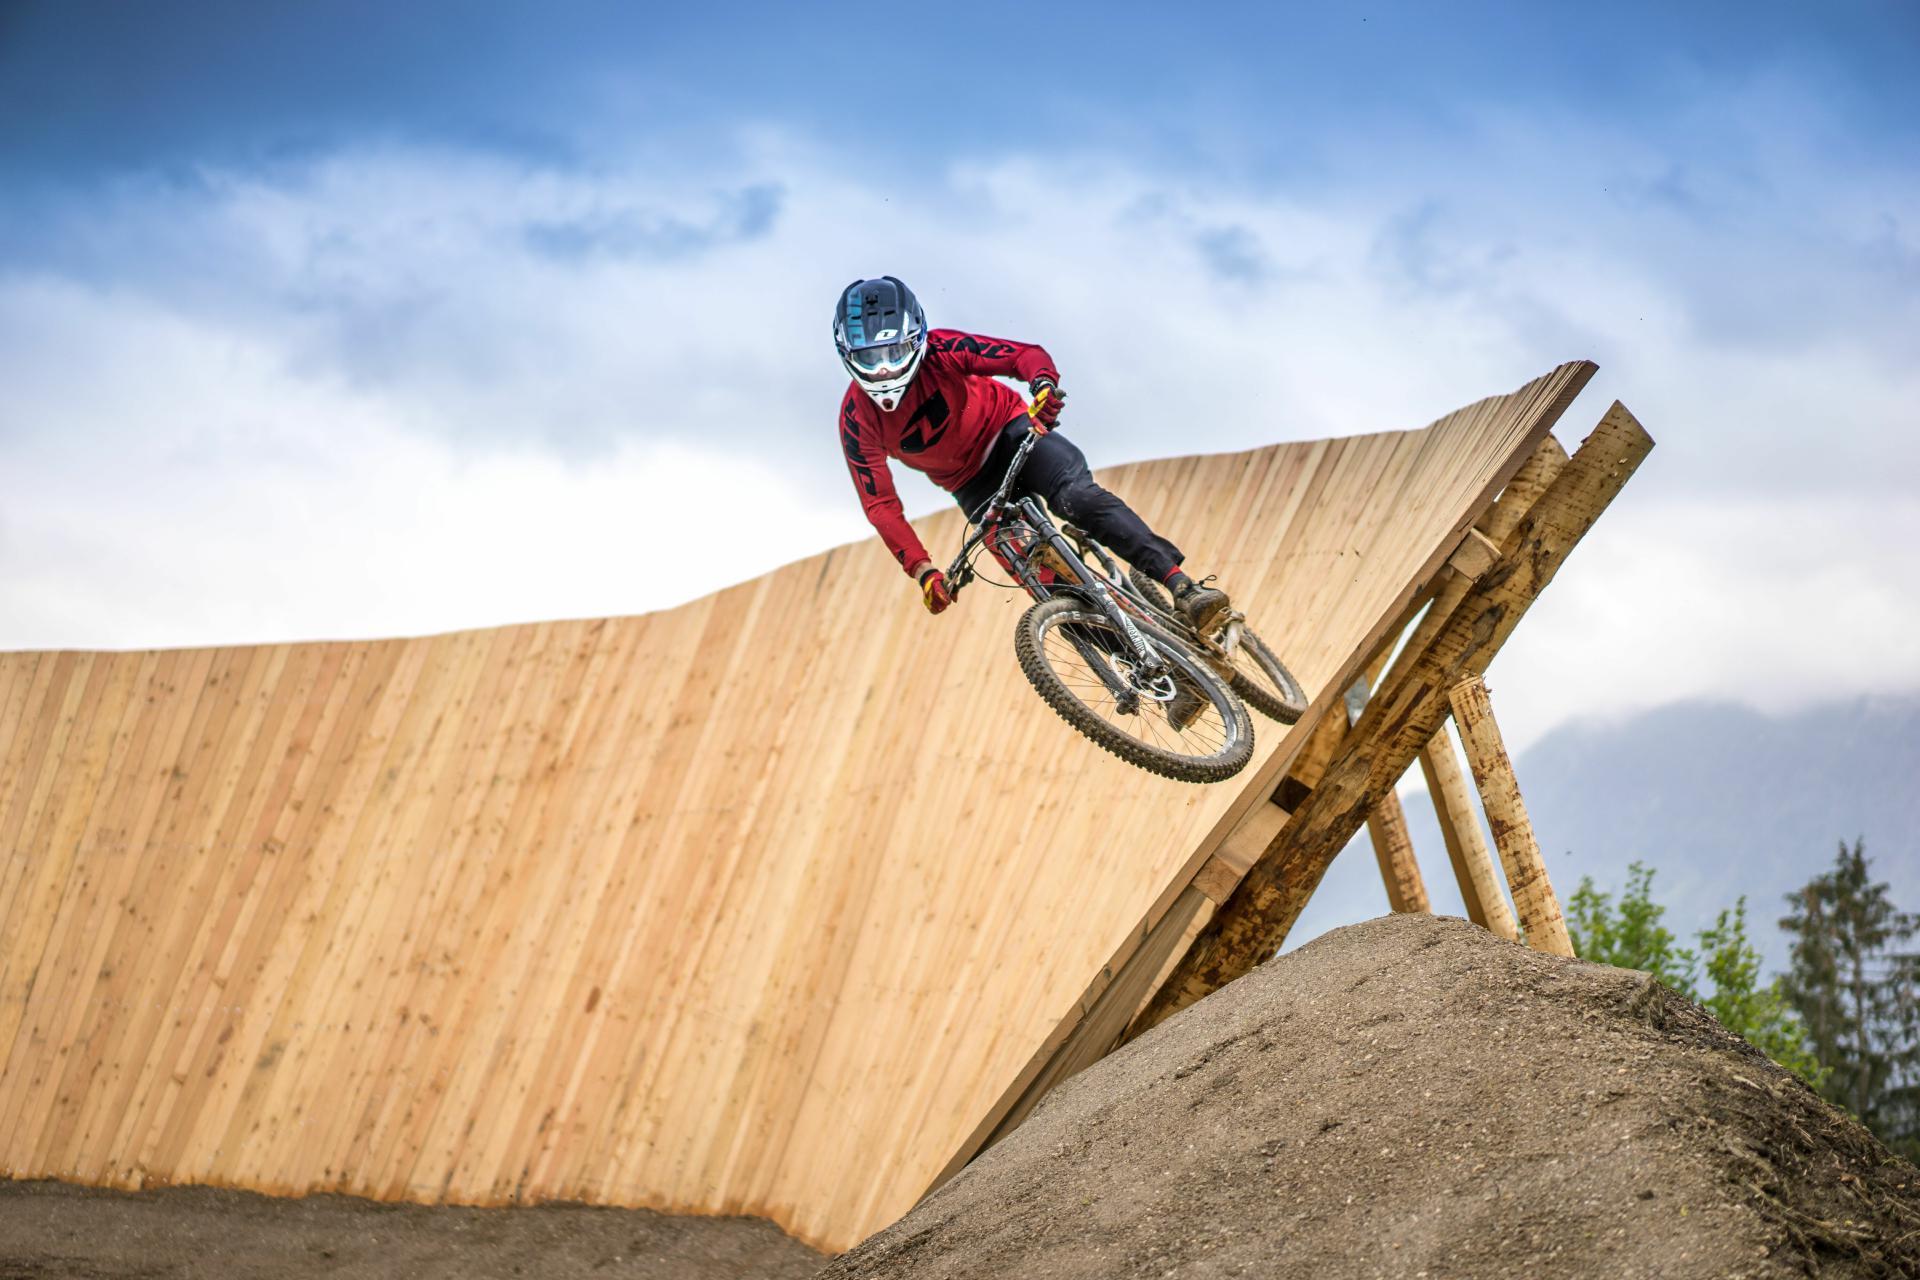 Für 2017 ist unter anderem der Bikepark Wurbauerkogel neu im Angebot der GraVity Card.